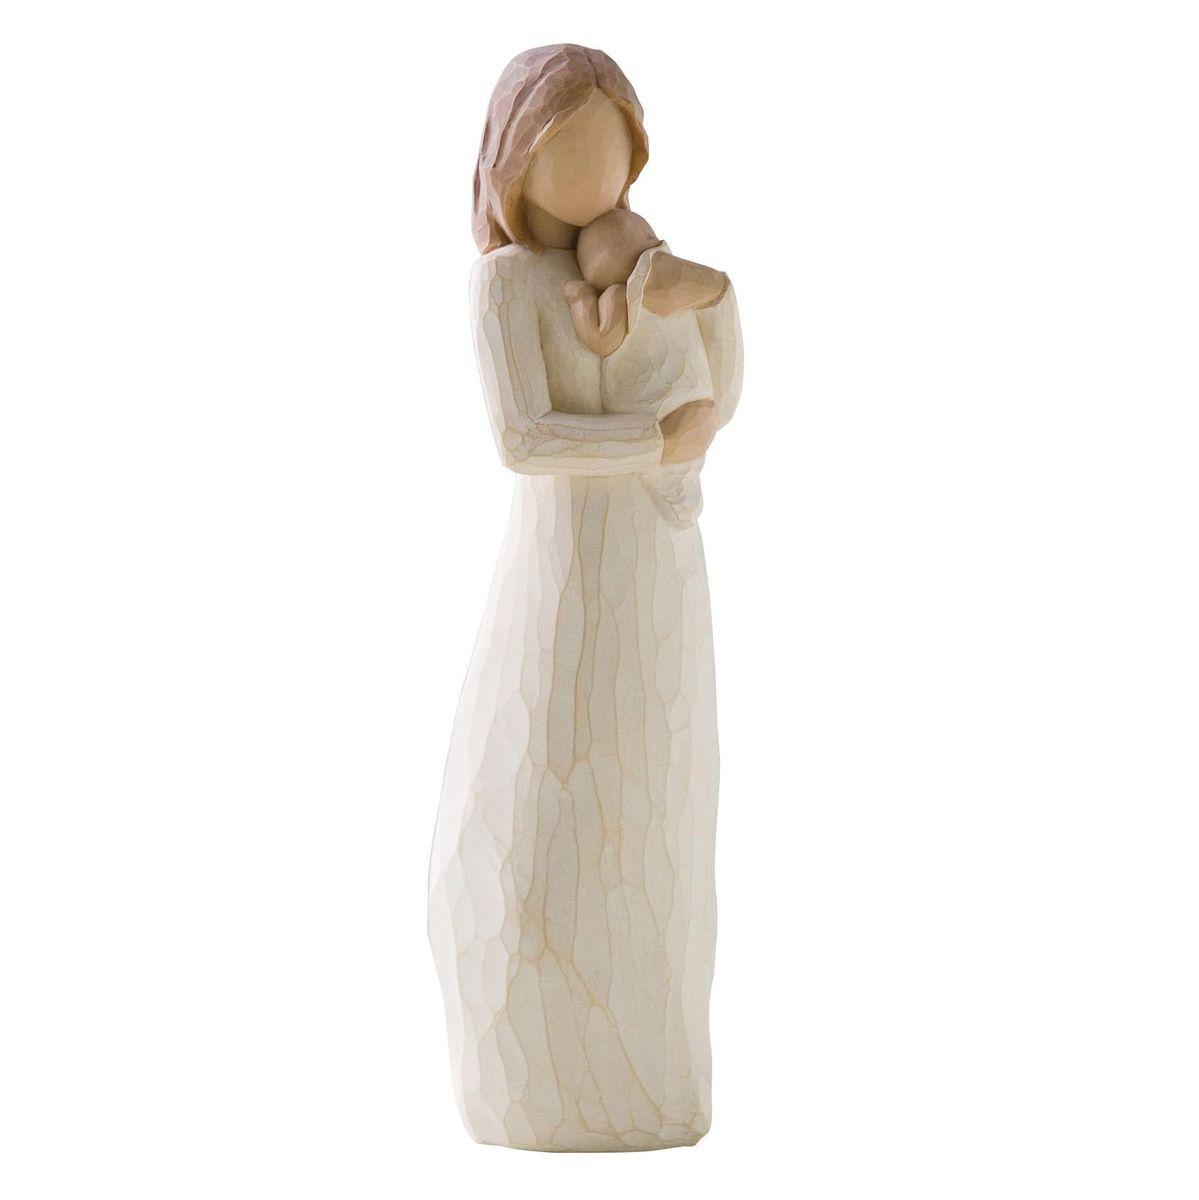 Фигурка Willow Tree Мой ангелочек, 22 см26124Эти прекрасные статуэтки созданы канадским скульптором Сьюзан Лорди. Каждая фигурка – это настоящее произведение искусства, образная скульптура в миниатюре, изображающая эмоции и чувства, которые помогают нам чувствовать себя ближе к другим, верить в мечту, выражать любовь. Каждая фигурка помещена в красивую упаковку. Купить такой оригинальный подарок, значит не только украсить интерьер помещения или жилой комнаты, но выразить свое глубокое отношение к любимому человеку. Этот прекрасный сувенир будет лучшим подарком на день ангела, именины, день рождения, юбилей. Материал: Искусственный камень (49% карбонат кальция мелкозернистой разновидности, 51% искусственный камень)